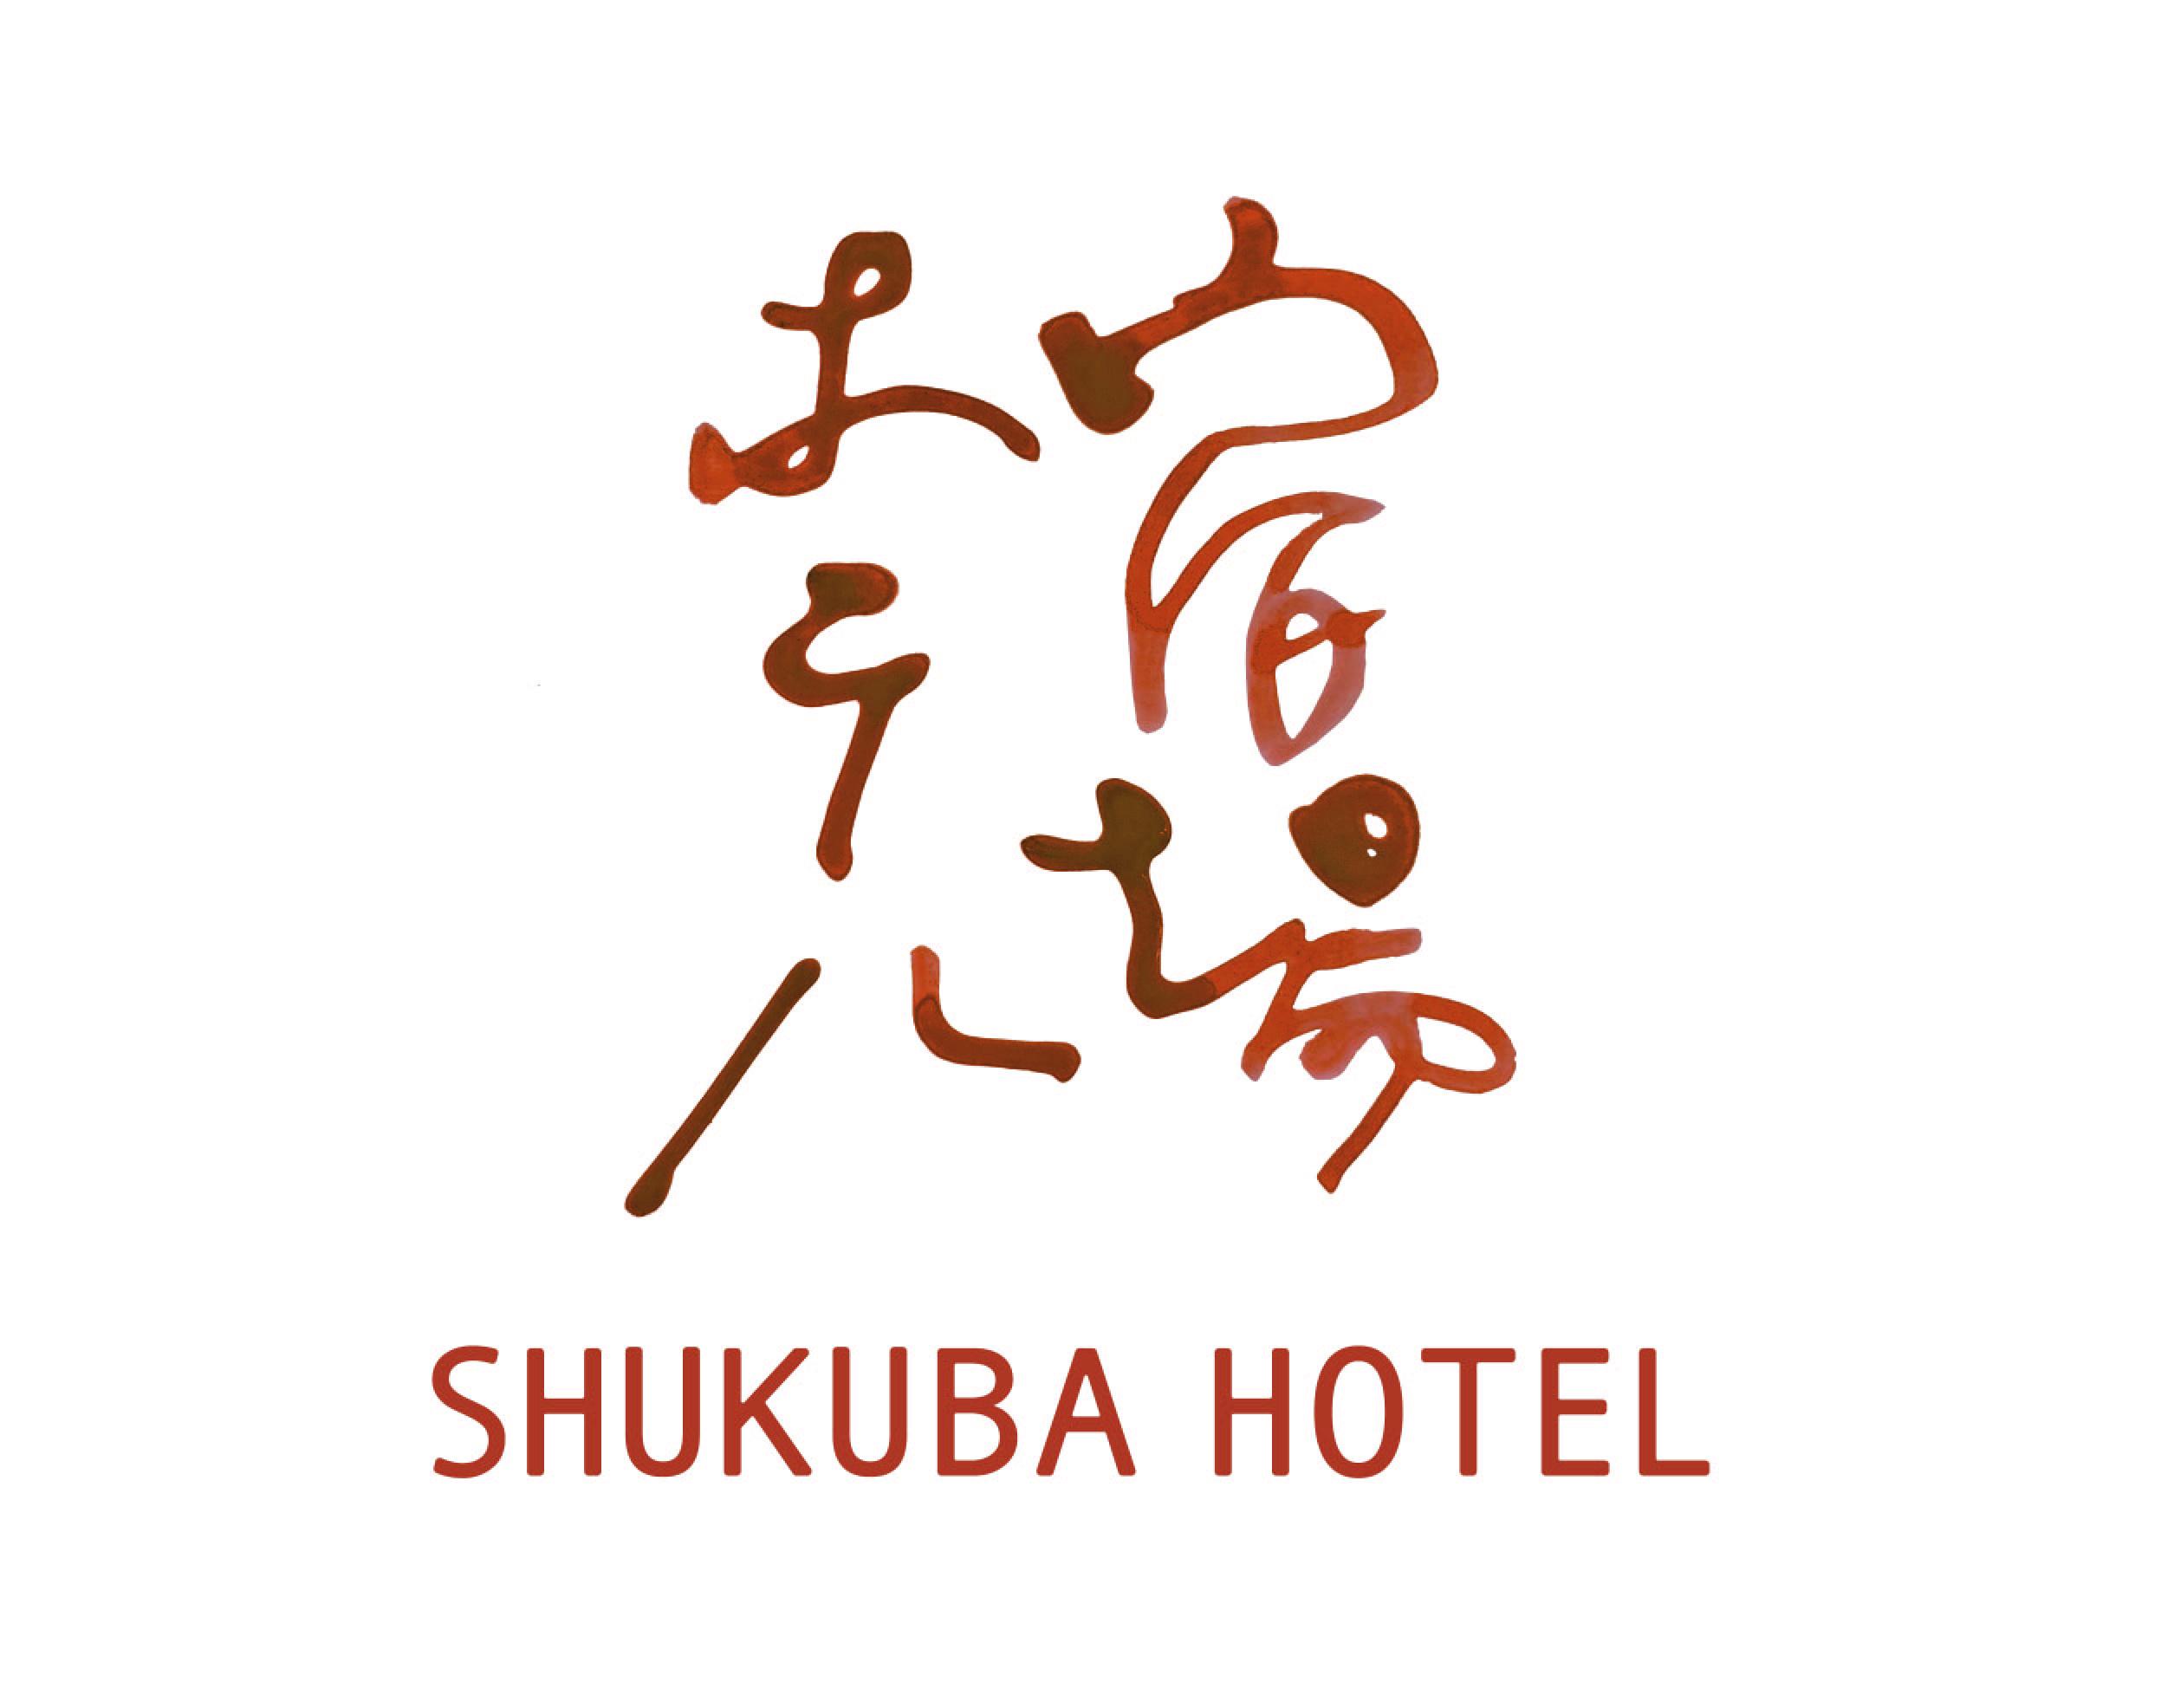 宿場ホテル ロゴ